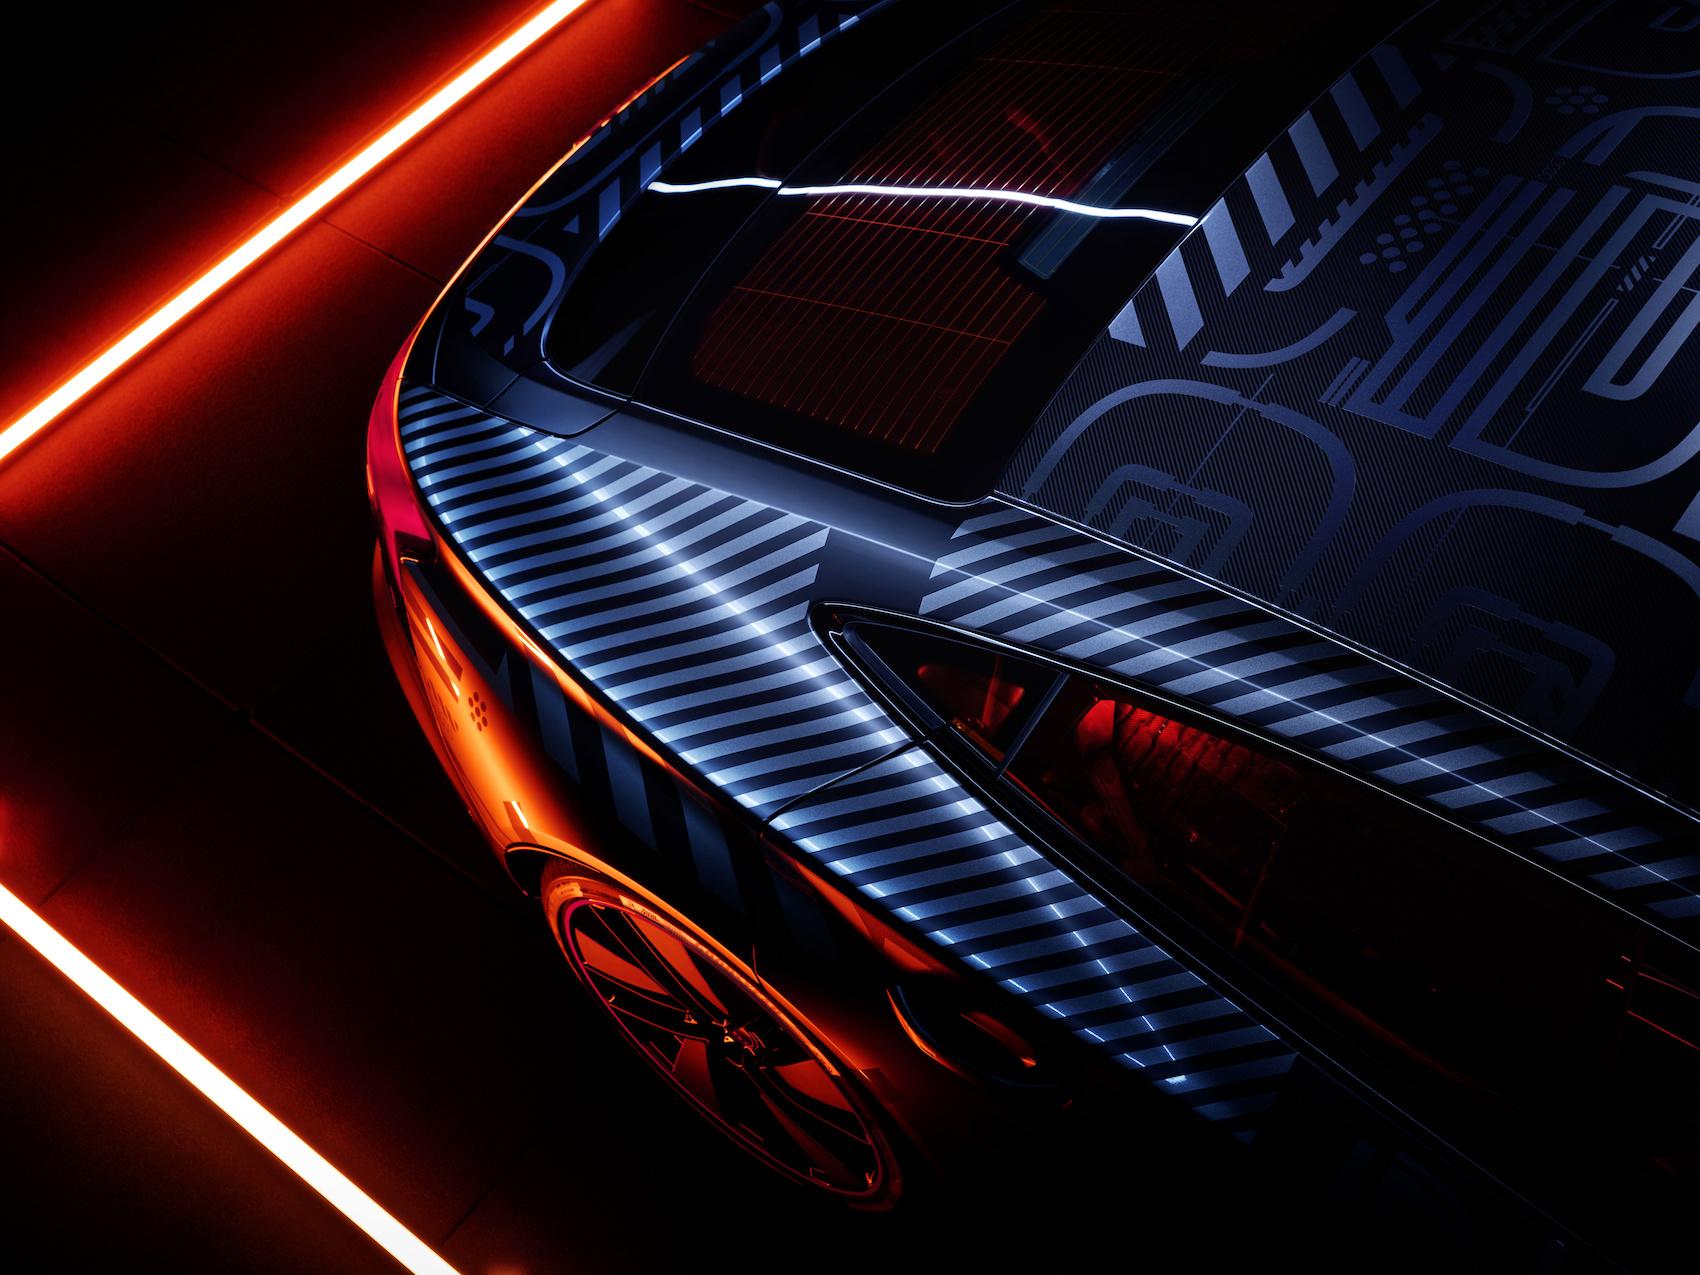 Des formes généreuses: les cadres des panneaux latéraux de l'e-tron GT ont une profondeur d'emboutissage de 35 centimètres. (Audi)